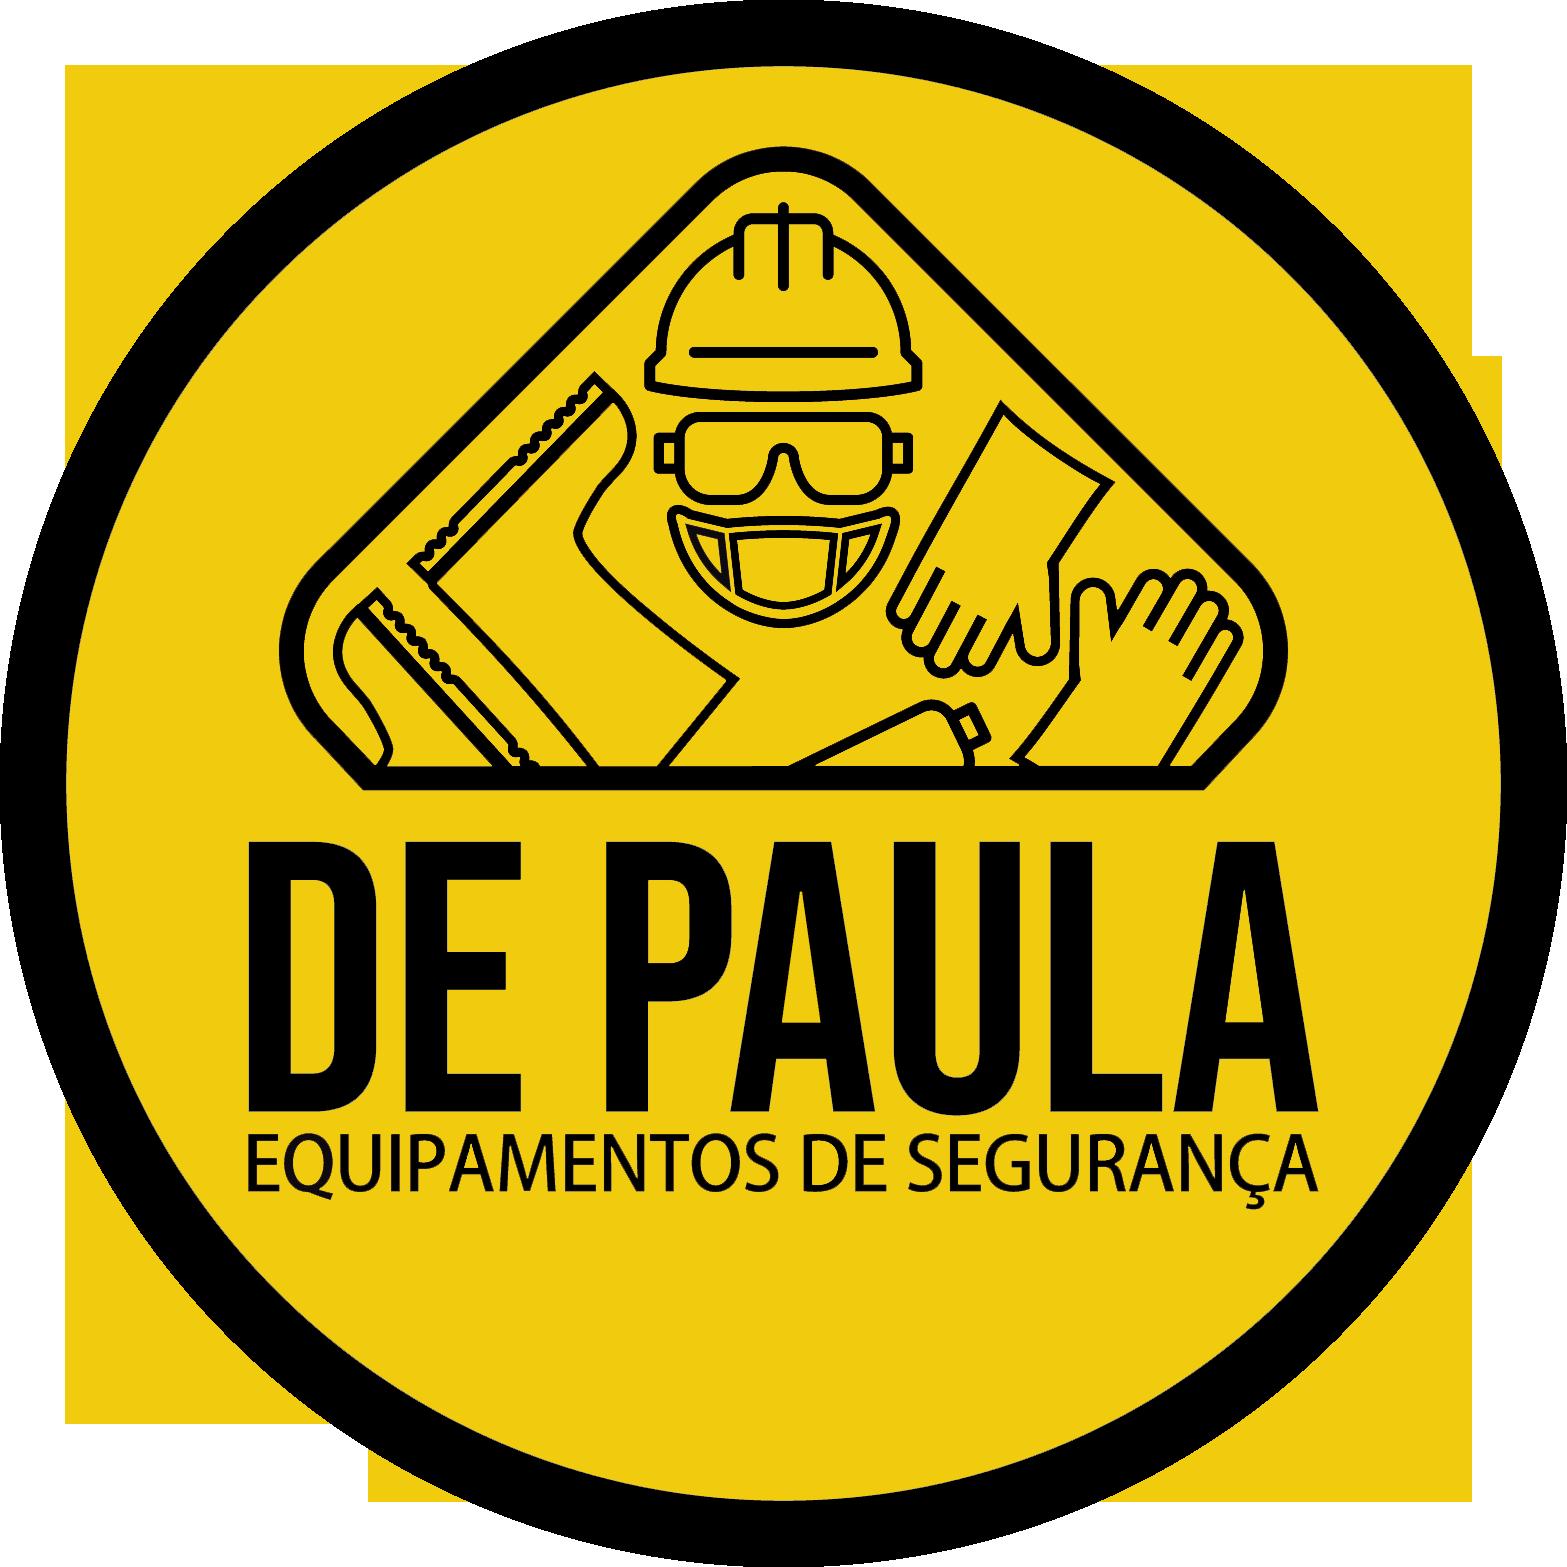 COTURNO BOTINA ELÁSTICO DE SEGURANÇA PRIMAVERA BICO DE AÇO  - DE PAULA EPI